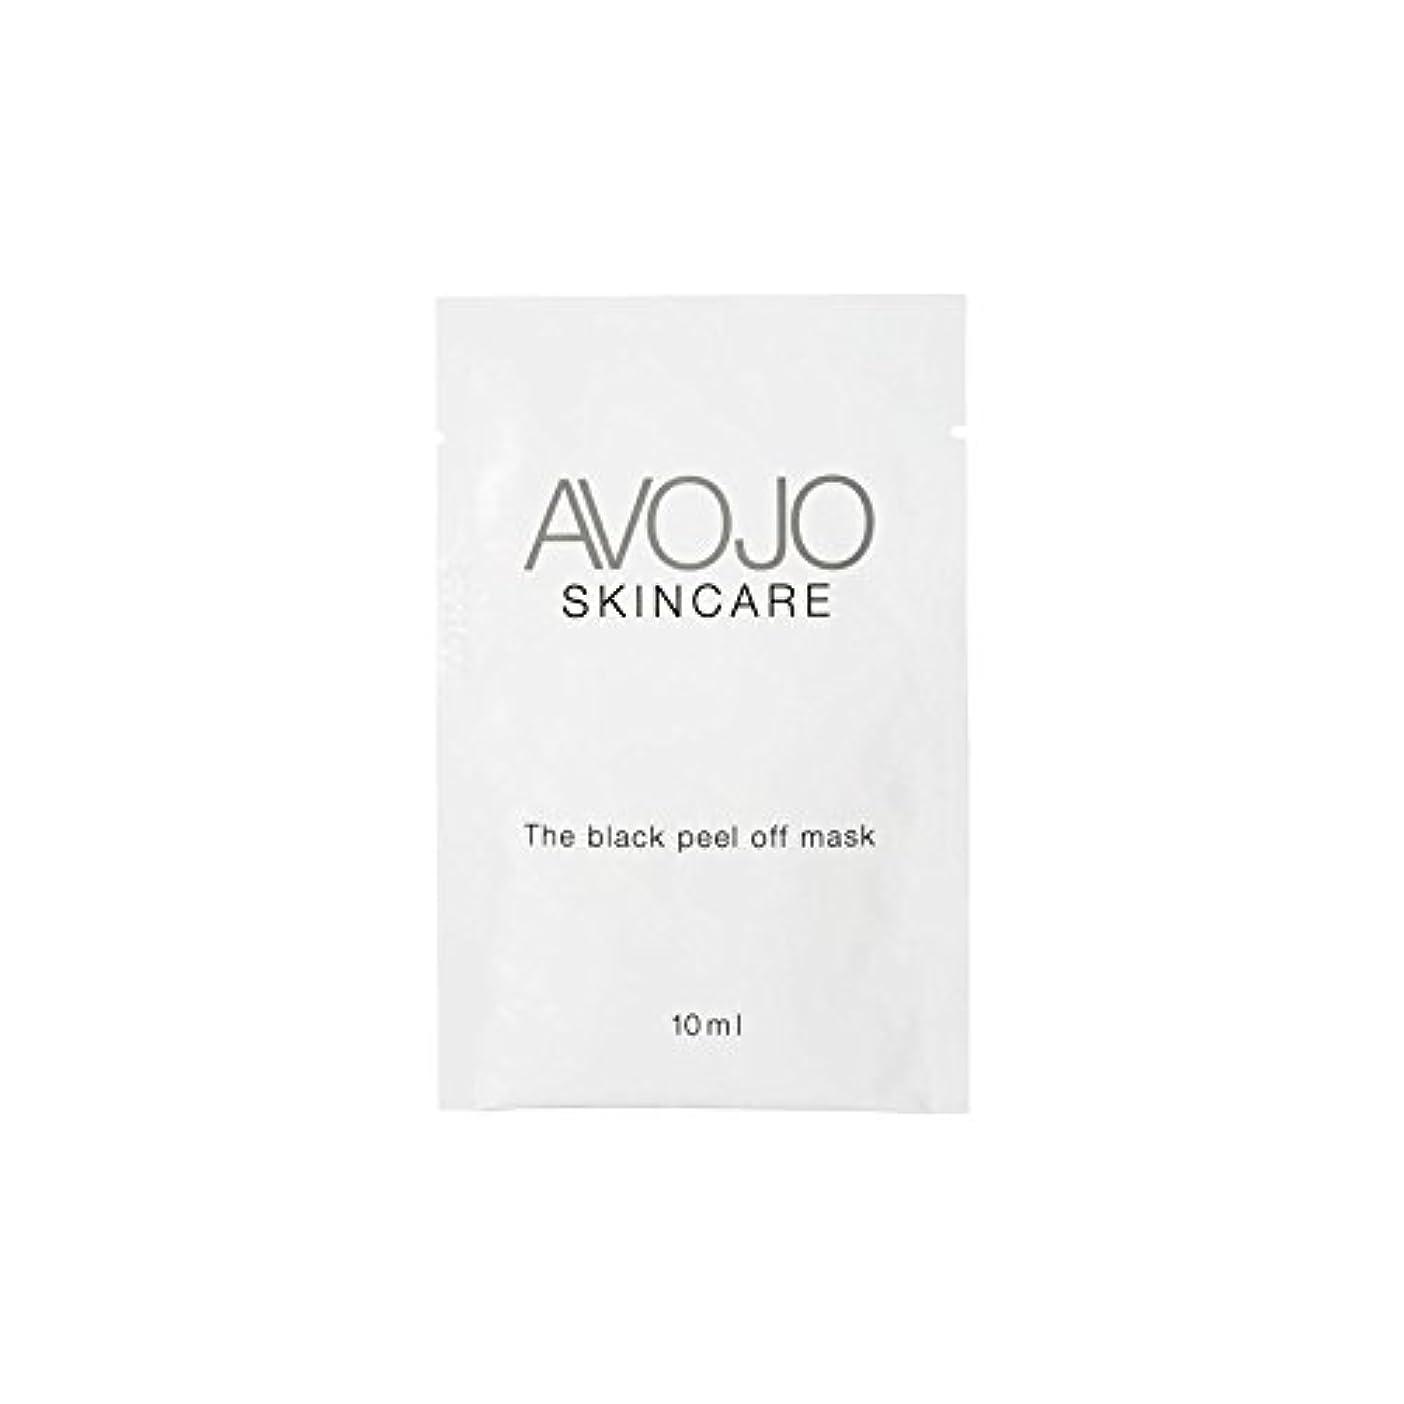 キリマンジャロもう一度ギャラントリー- ブラックピールオフマスク - 小袋(10ミリリットル×4) x2 - Avojo - The Black Peel Off Mask - Sachet (10ml X 4) (Pack of 2) [並行輸入品]